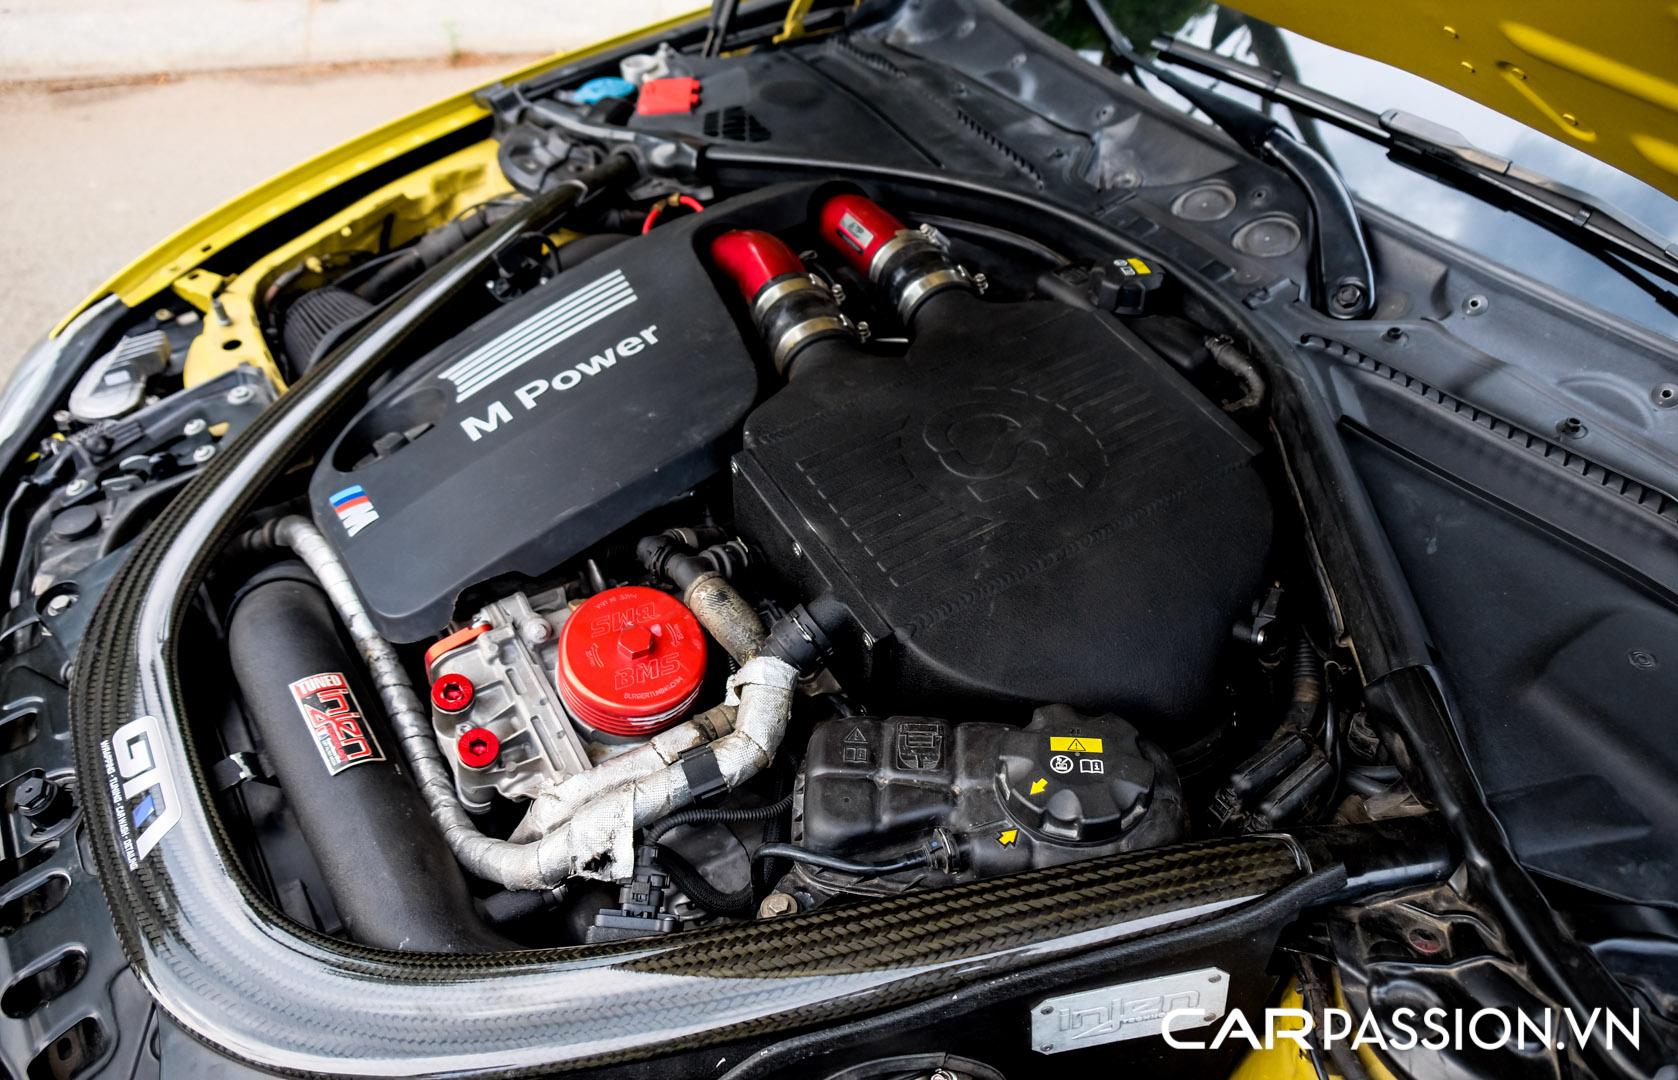 CP-BMW M4 F8 được rao bán (58).jpg